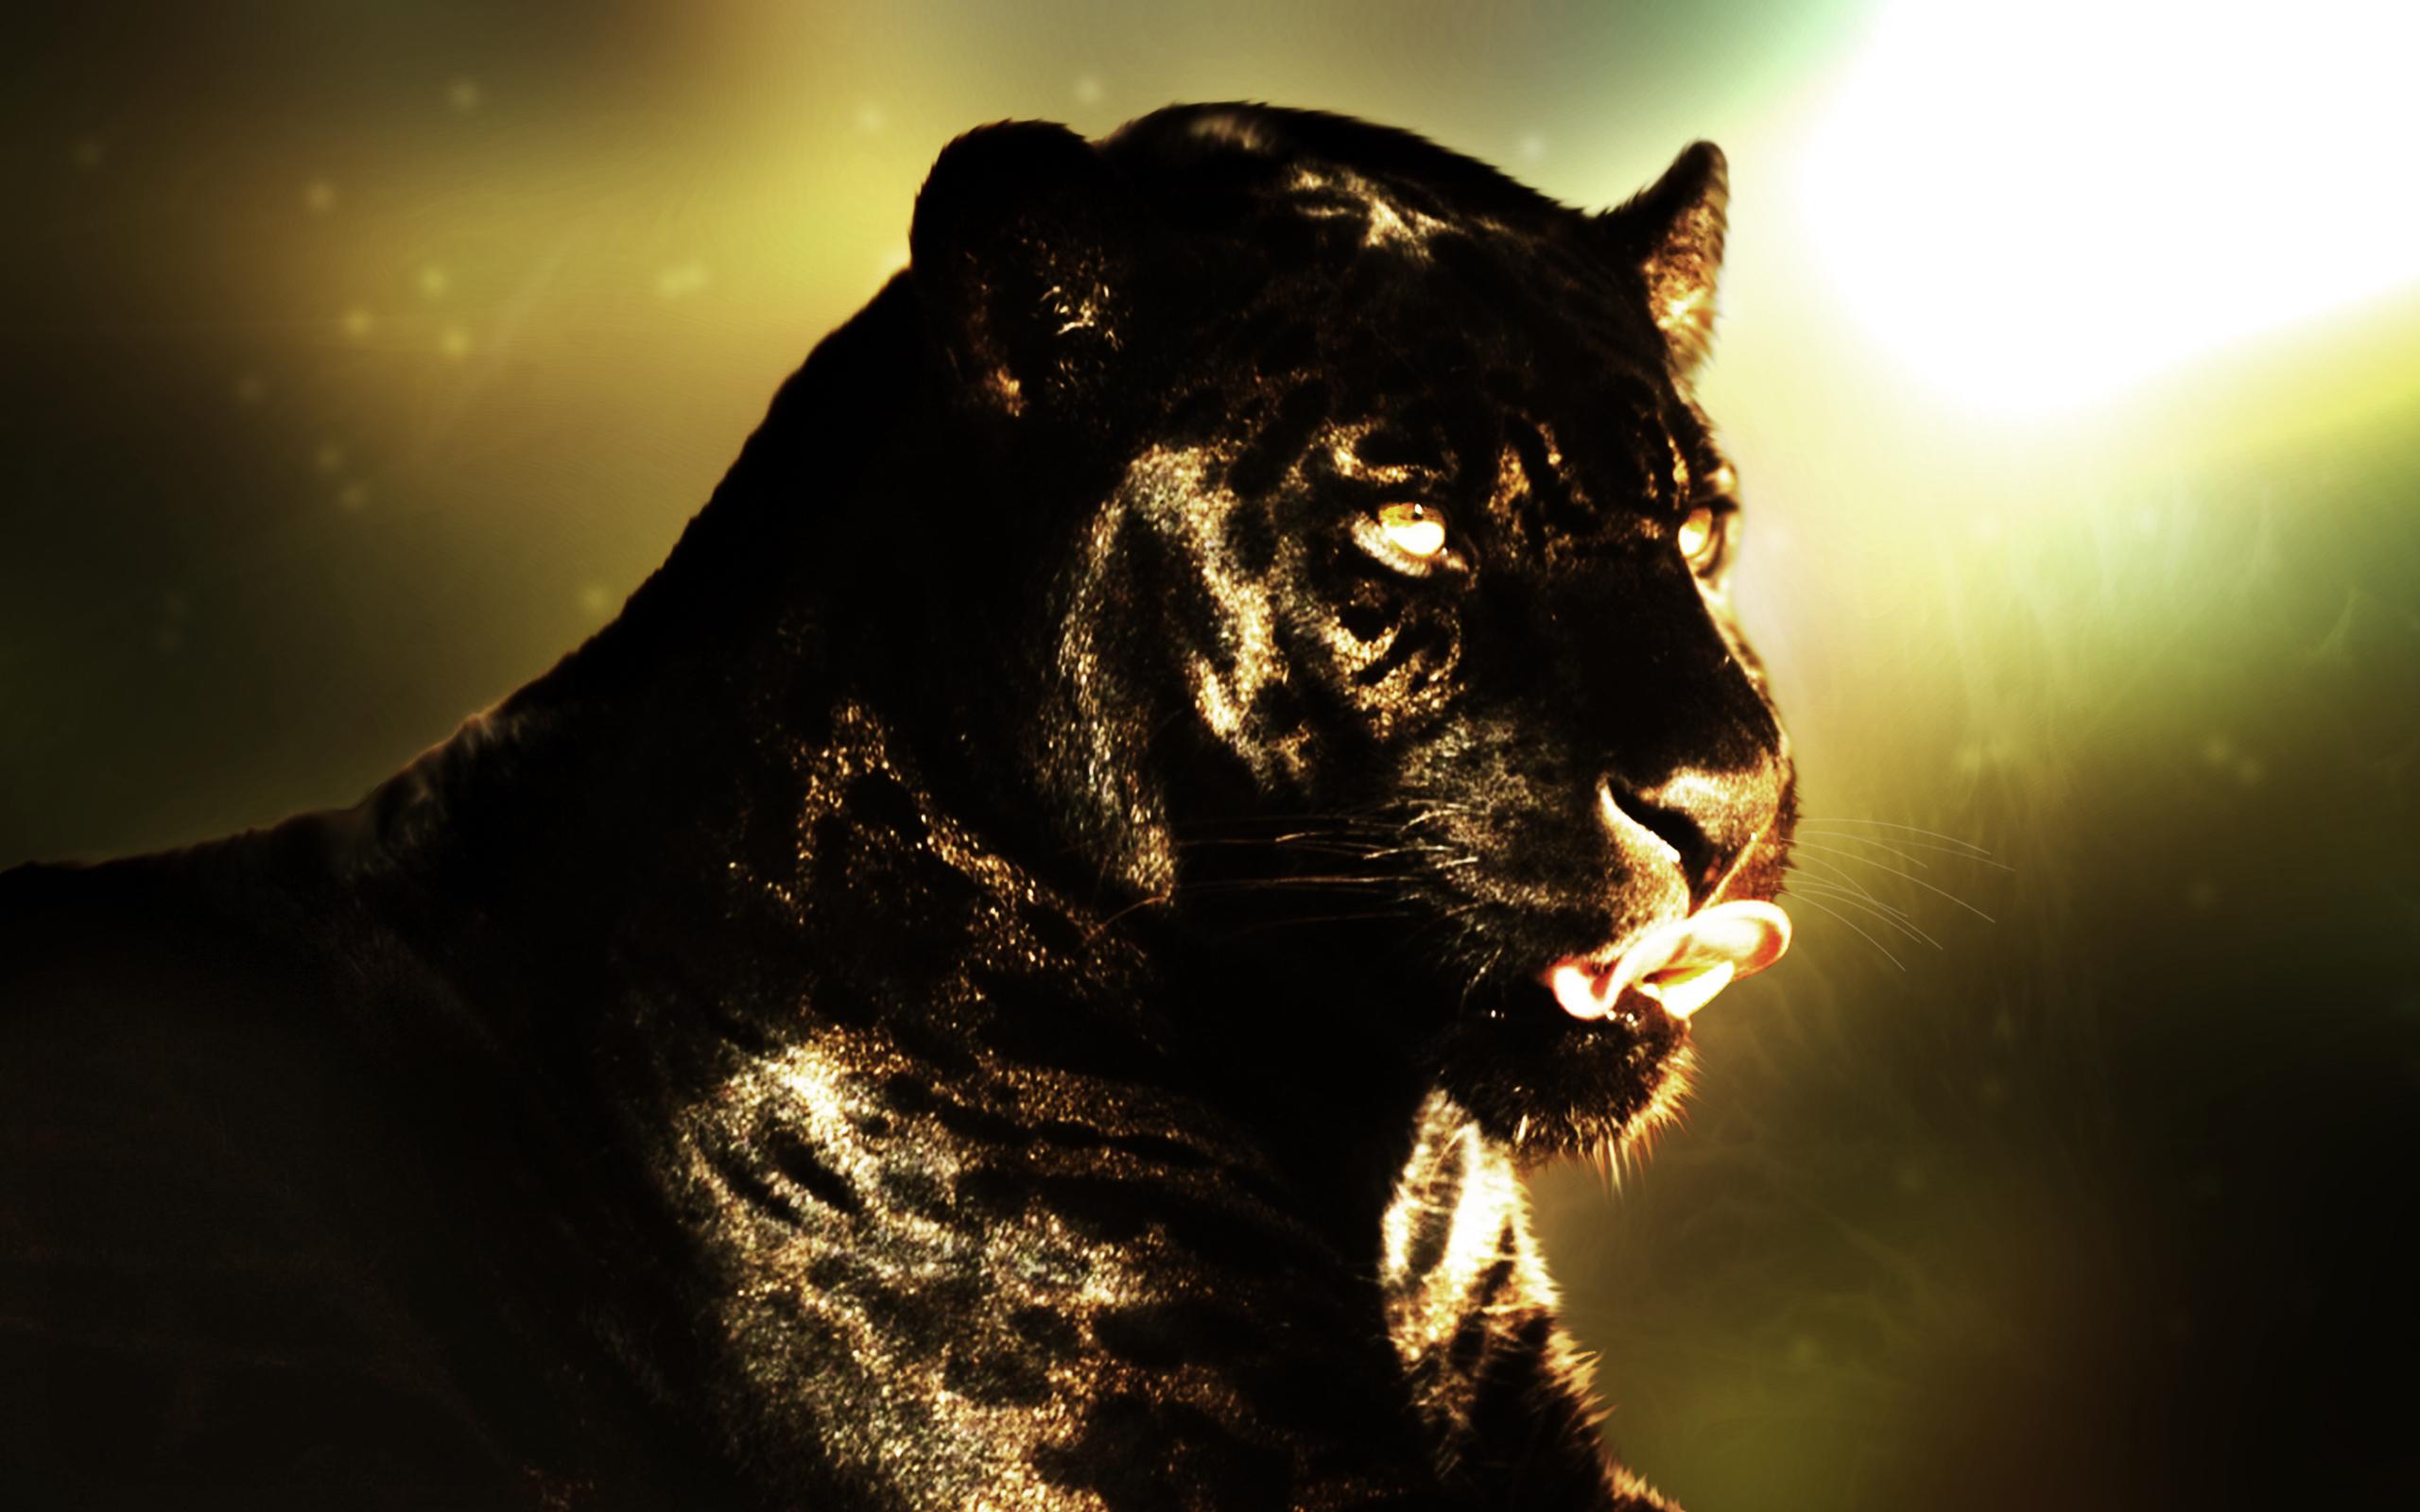 Animal   Black Panther Wallpaper 2560x1600